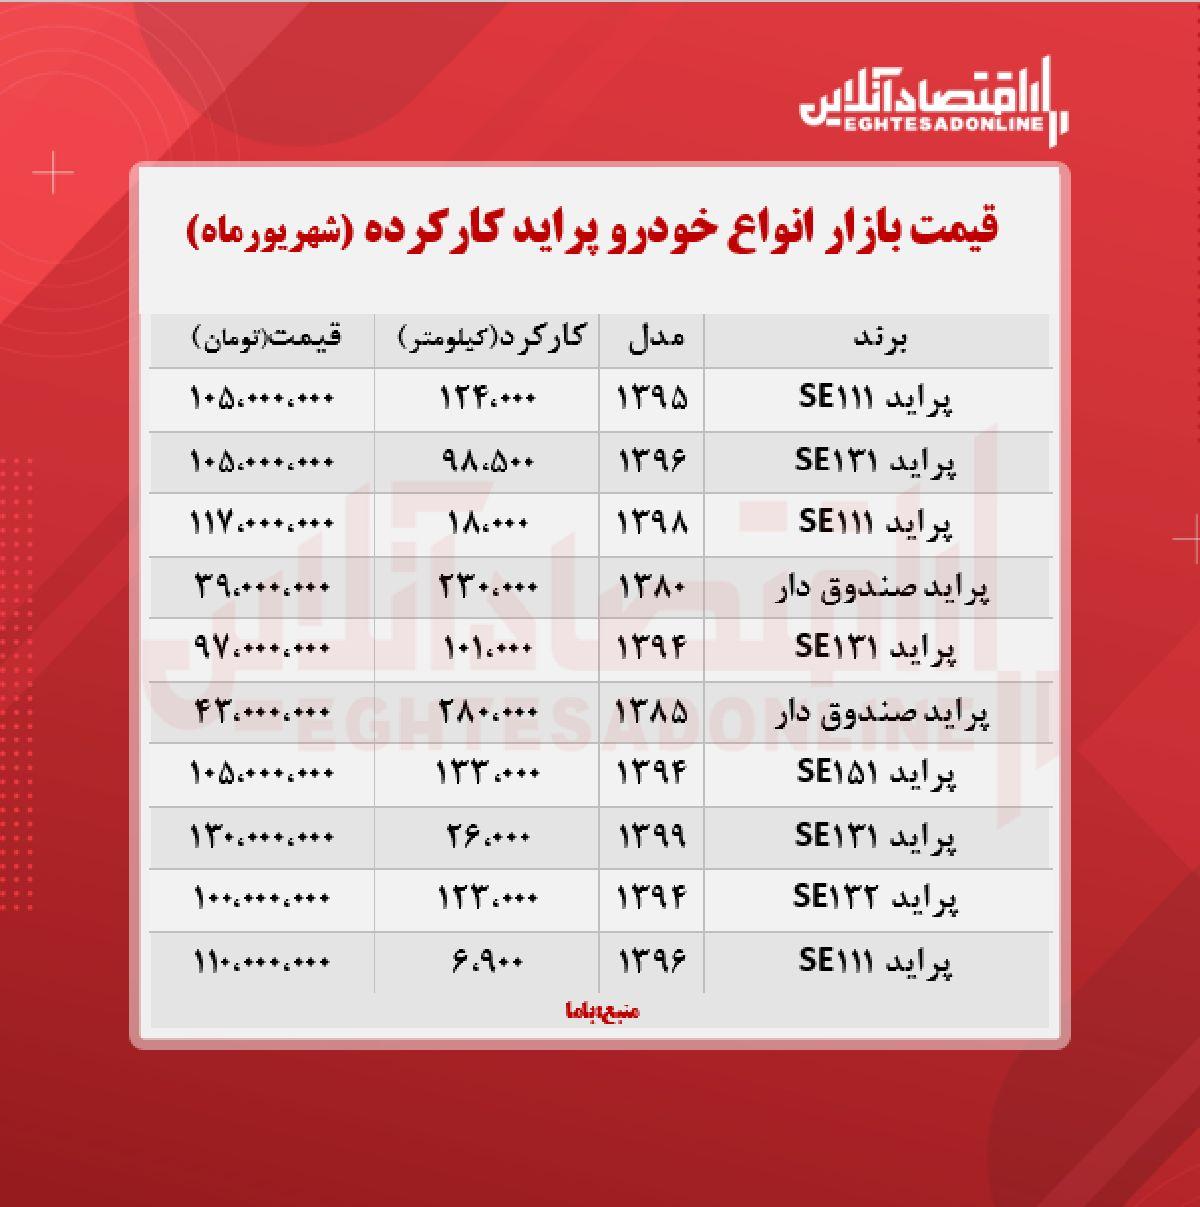 قیمت پراید کارکرده امروز ۱۴۰۰/۶/۱۷